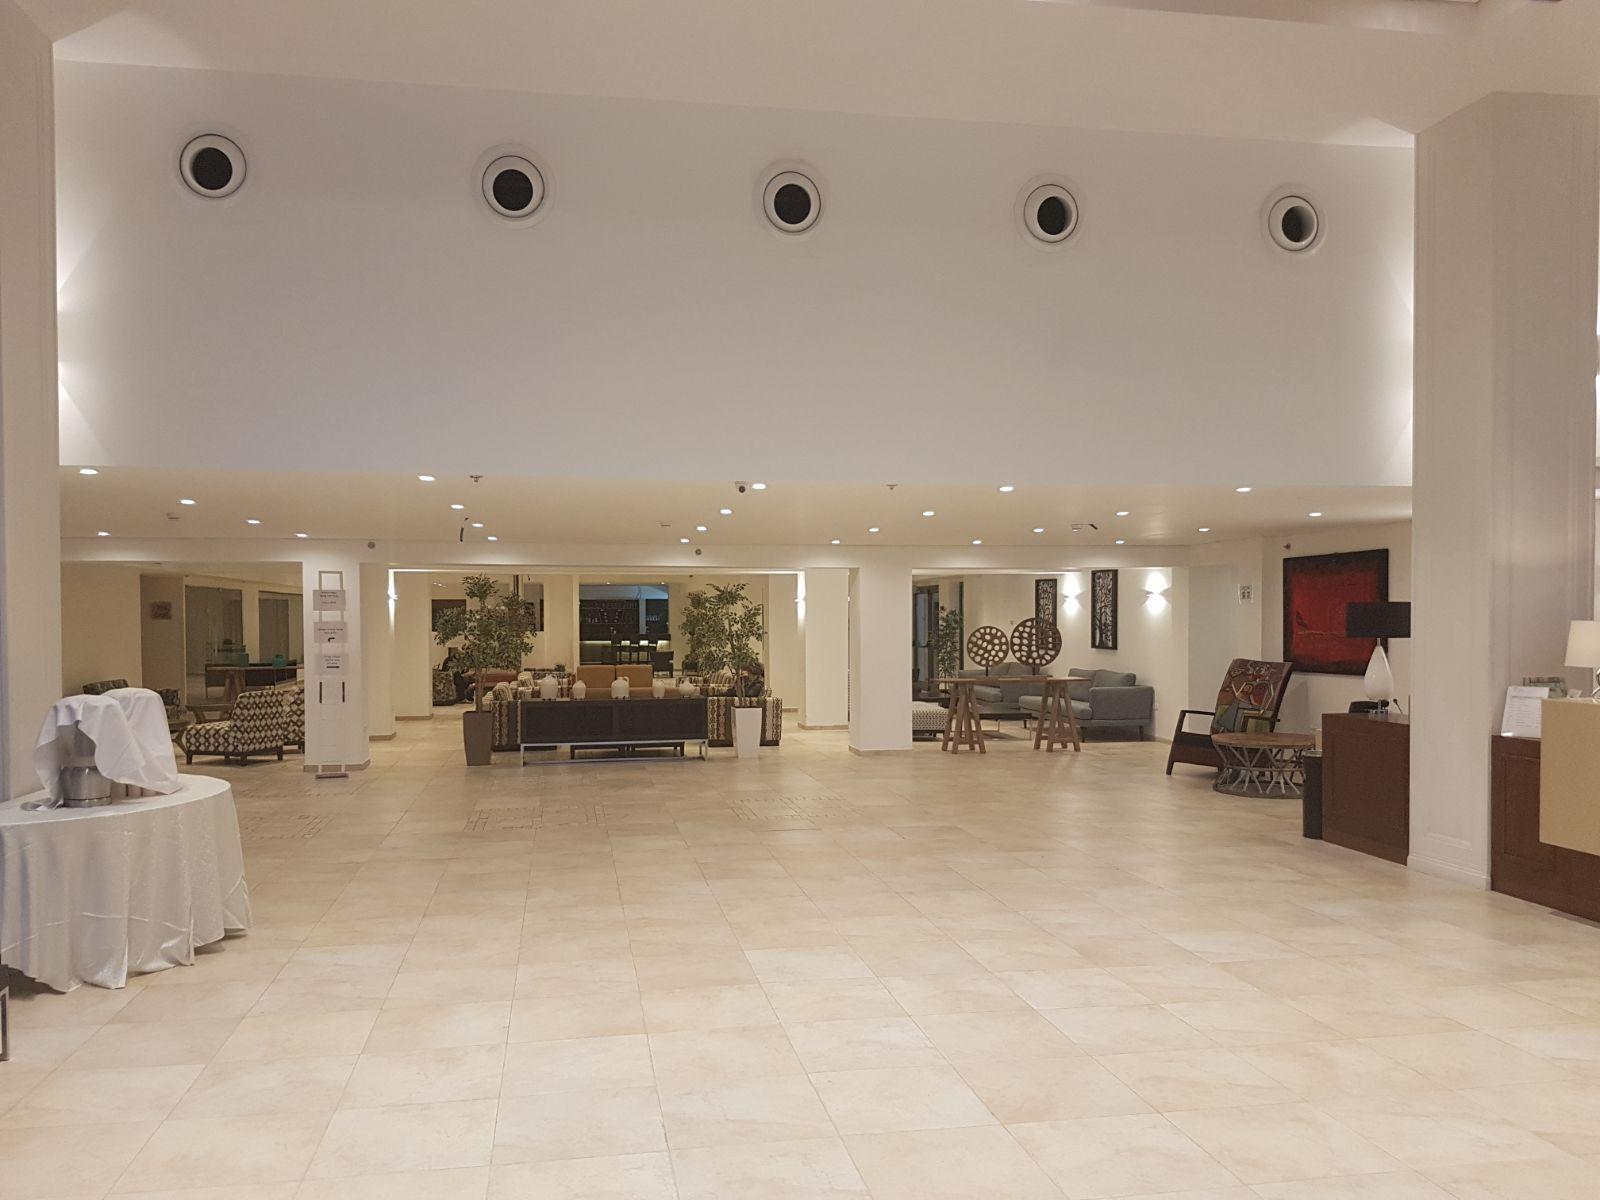 מלון C HOTEL, נווה אילן תמונה מספר 8